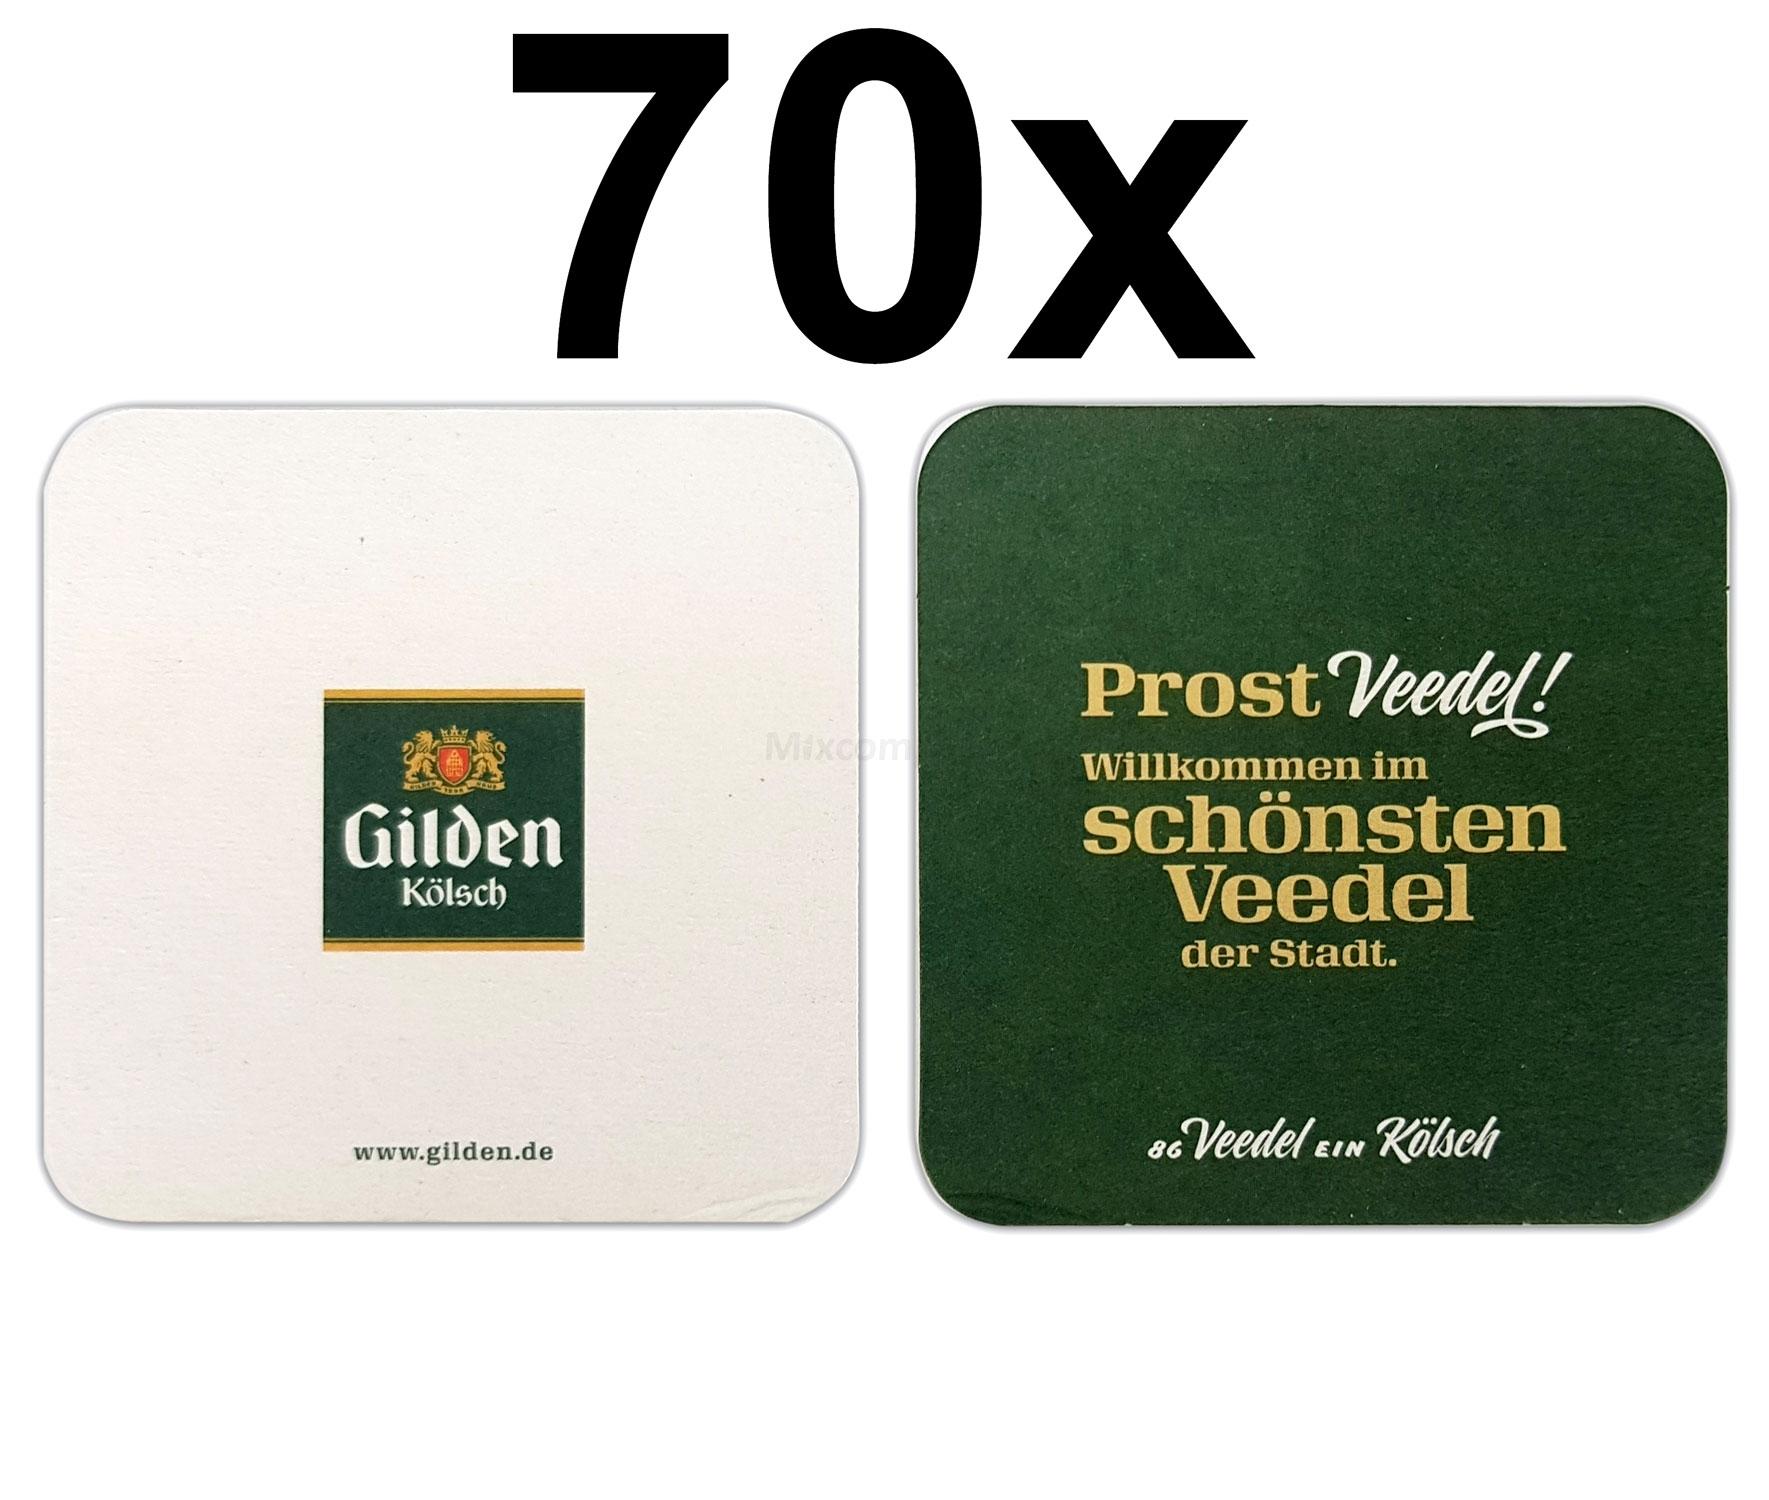 Gilden Kölsch - Prost Veedel - Bierdeckel Untersetzer Bierfilz - 70er Packung